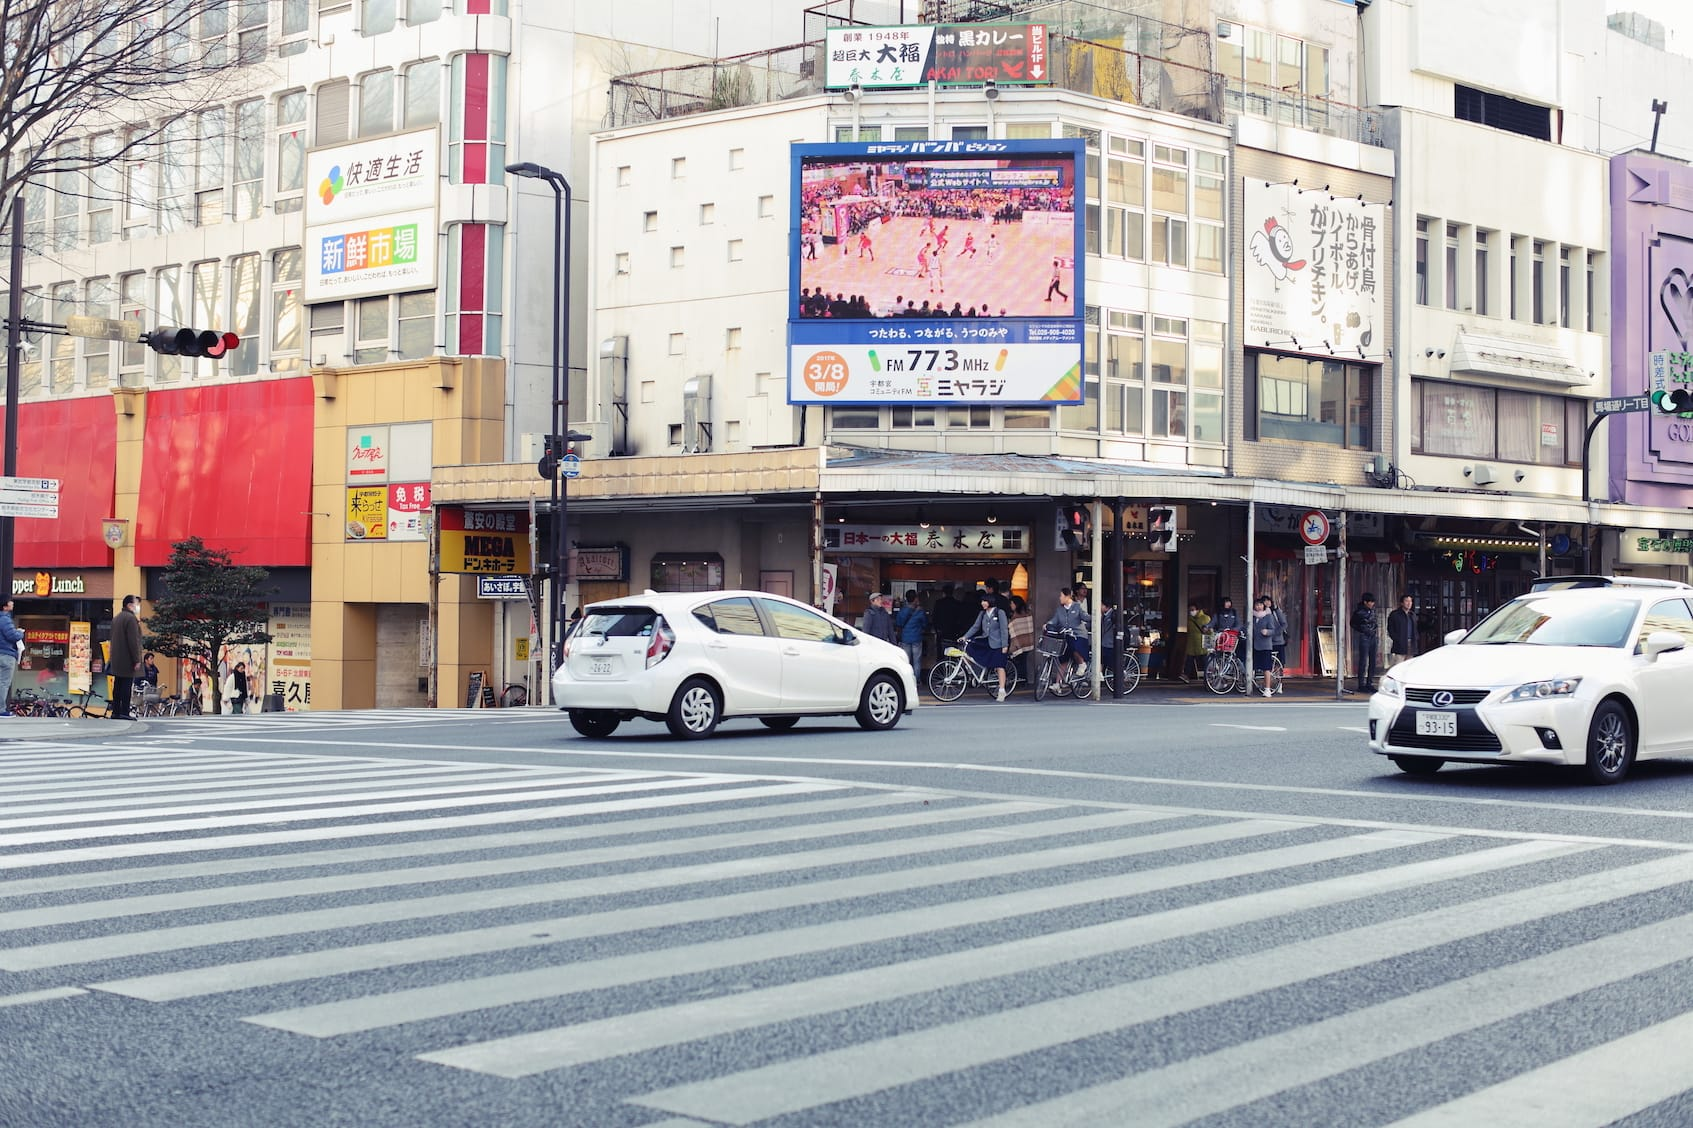 最寄り駅は東武宇都宮駅。都内に出るときはJRで。駅までは車で10分くらいなので、歩くか会社の人に送ってもらったり、バスに乗ったり。十分歩いて回れる。